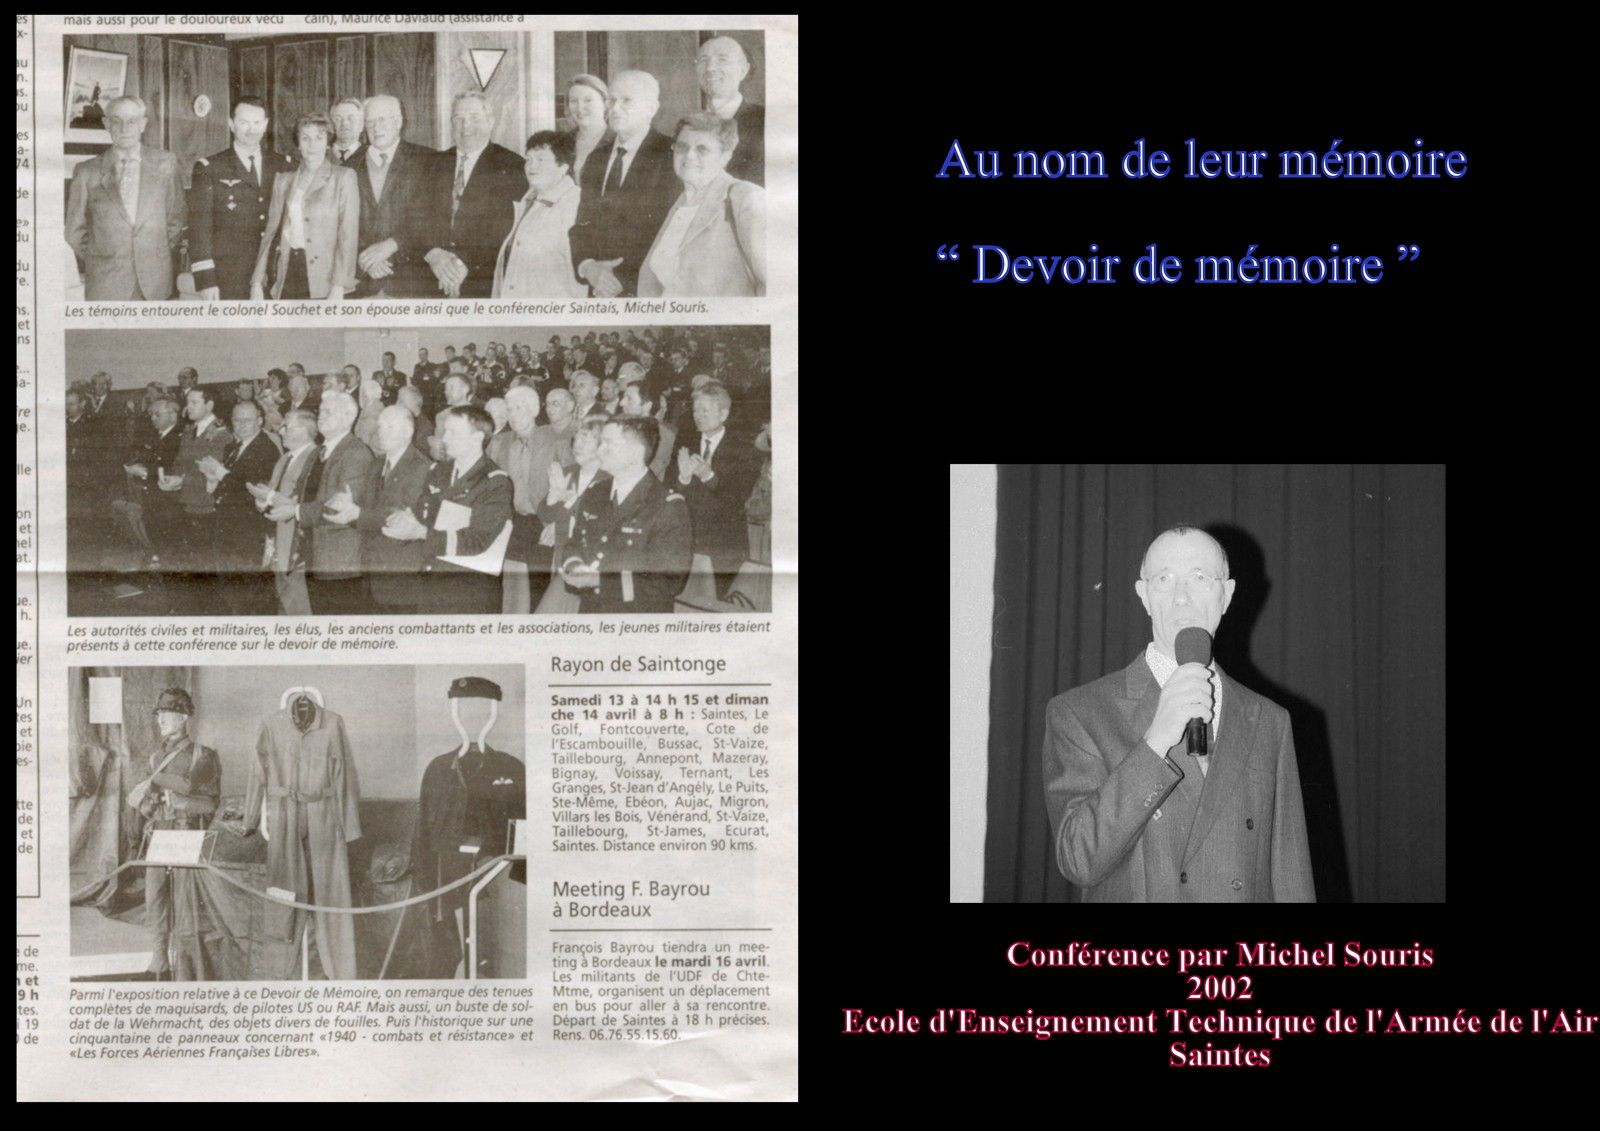 30 - J'étais conférencier à l'école des Elèves techniciens de l'armée de l'air de Saintes - Août 2002